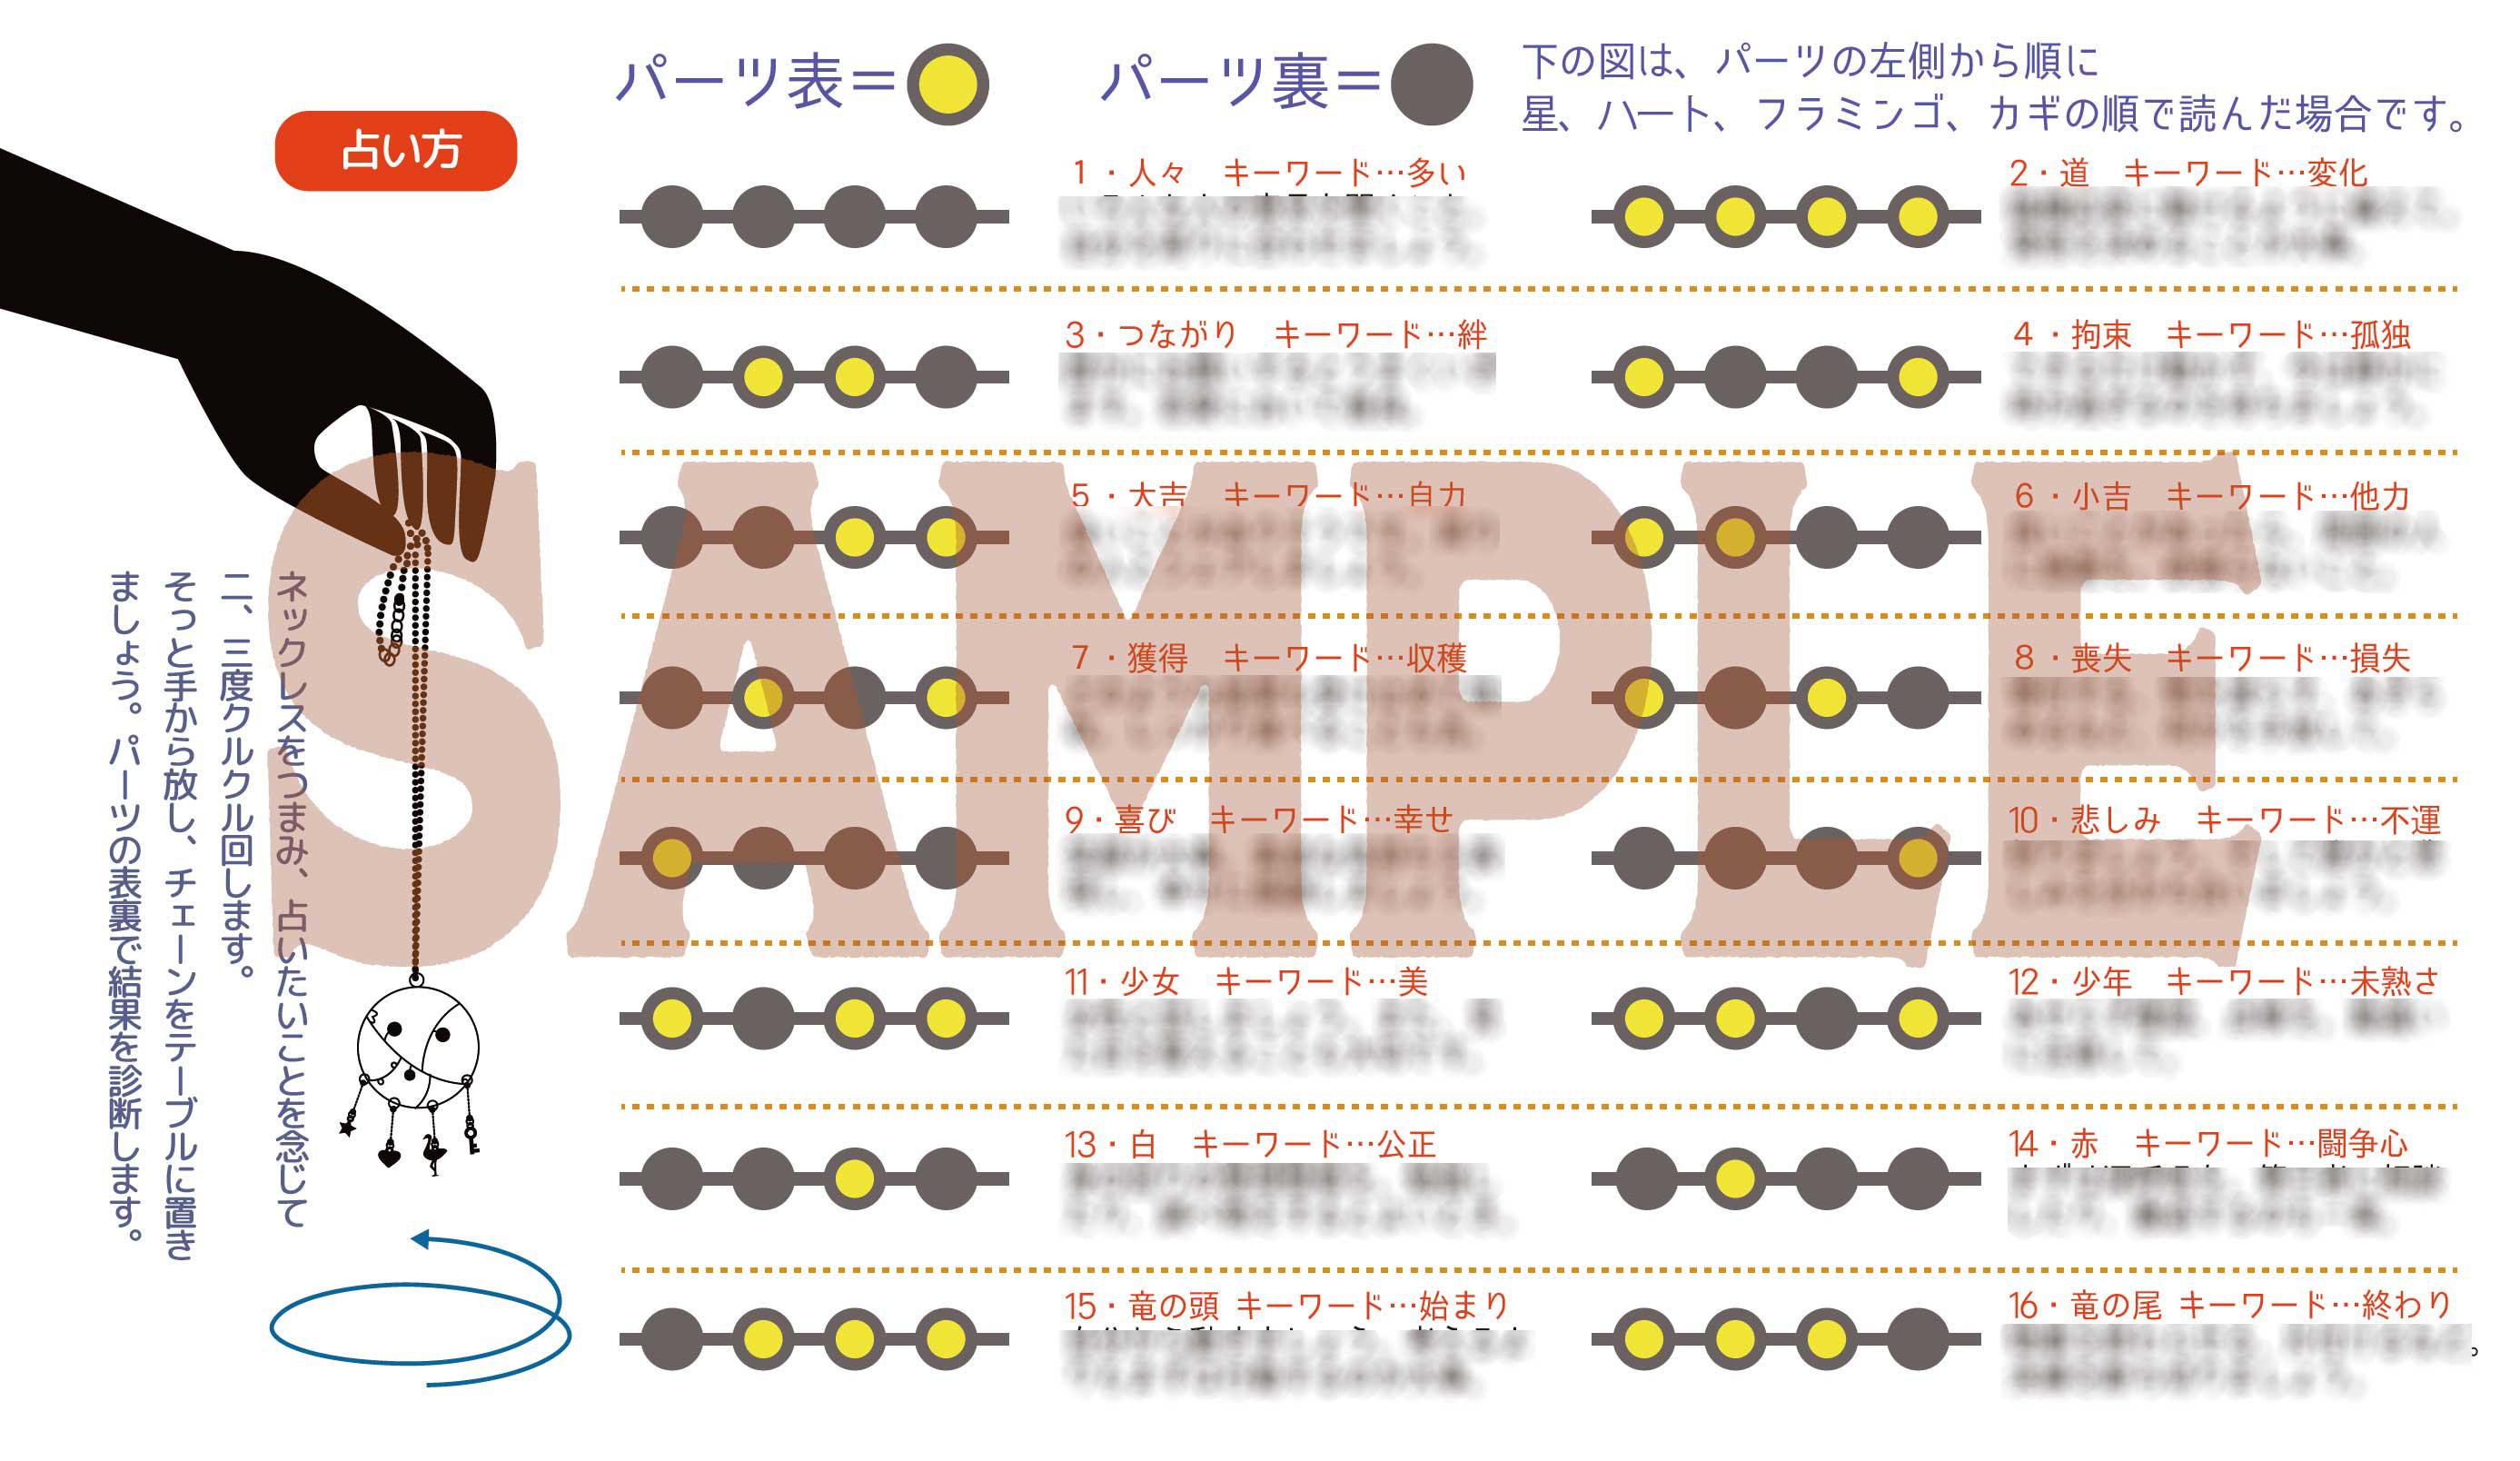 ジオマンシーチェーンキット【ネックレス】占い鑑定付き